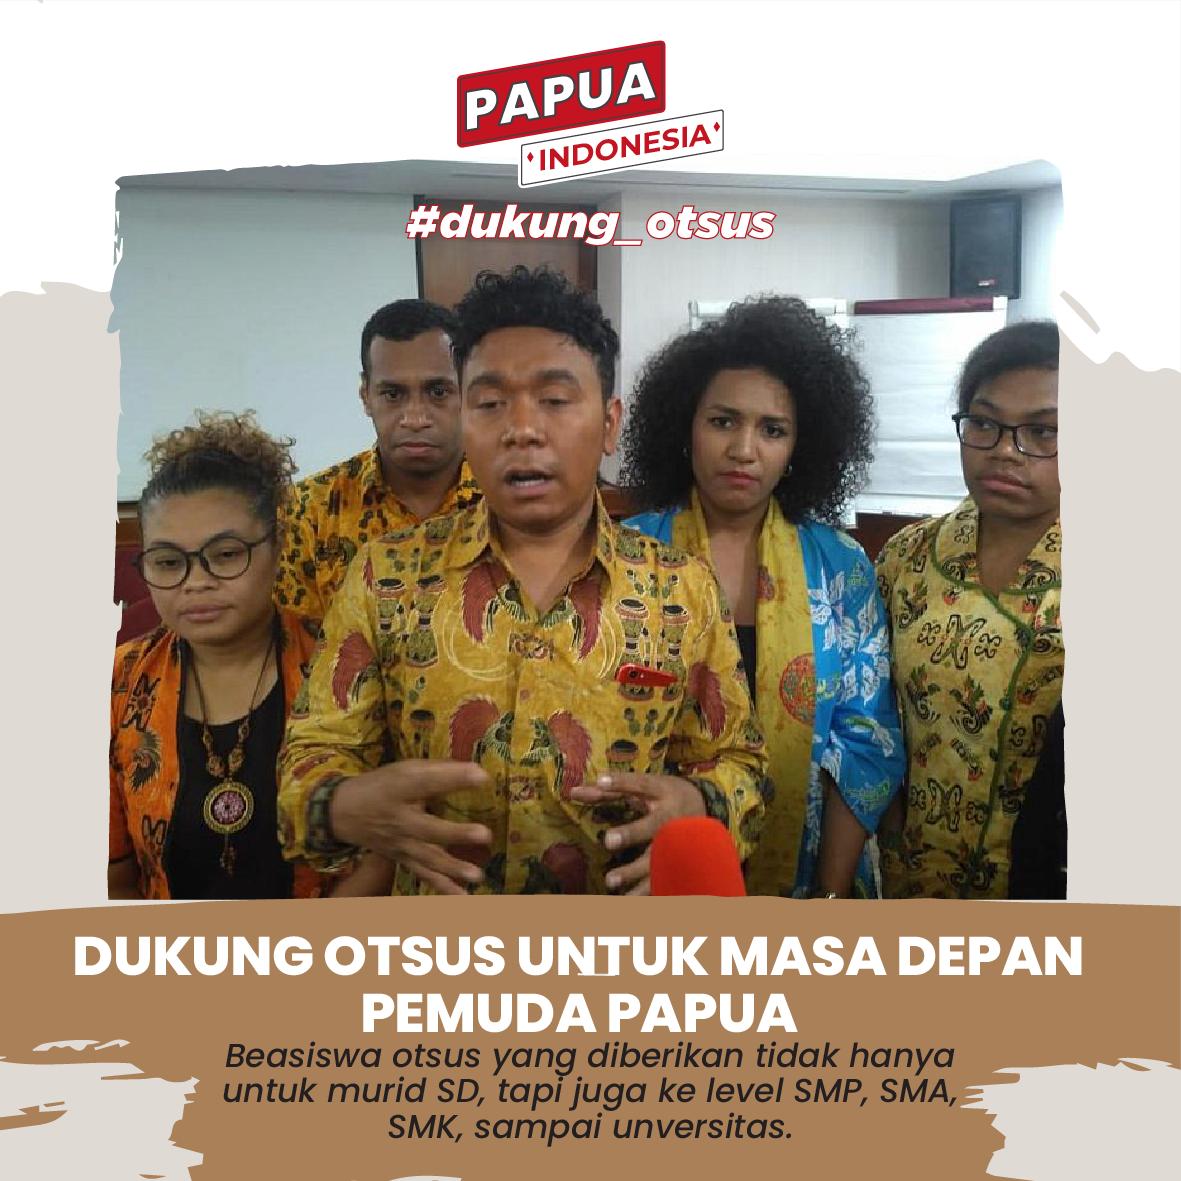 Dukung Otsus untuk Masa Depan Pemuda Papua